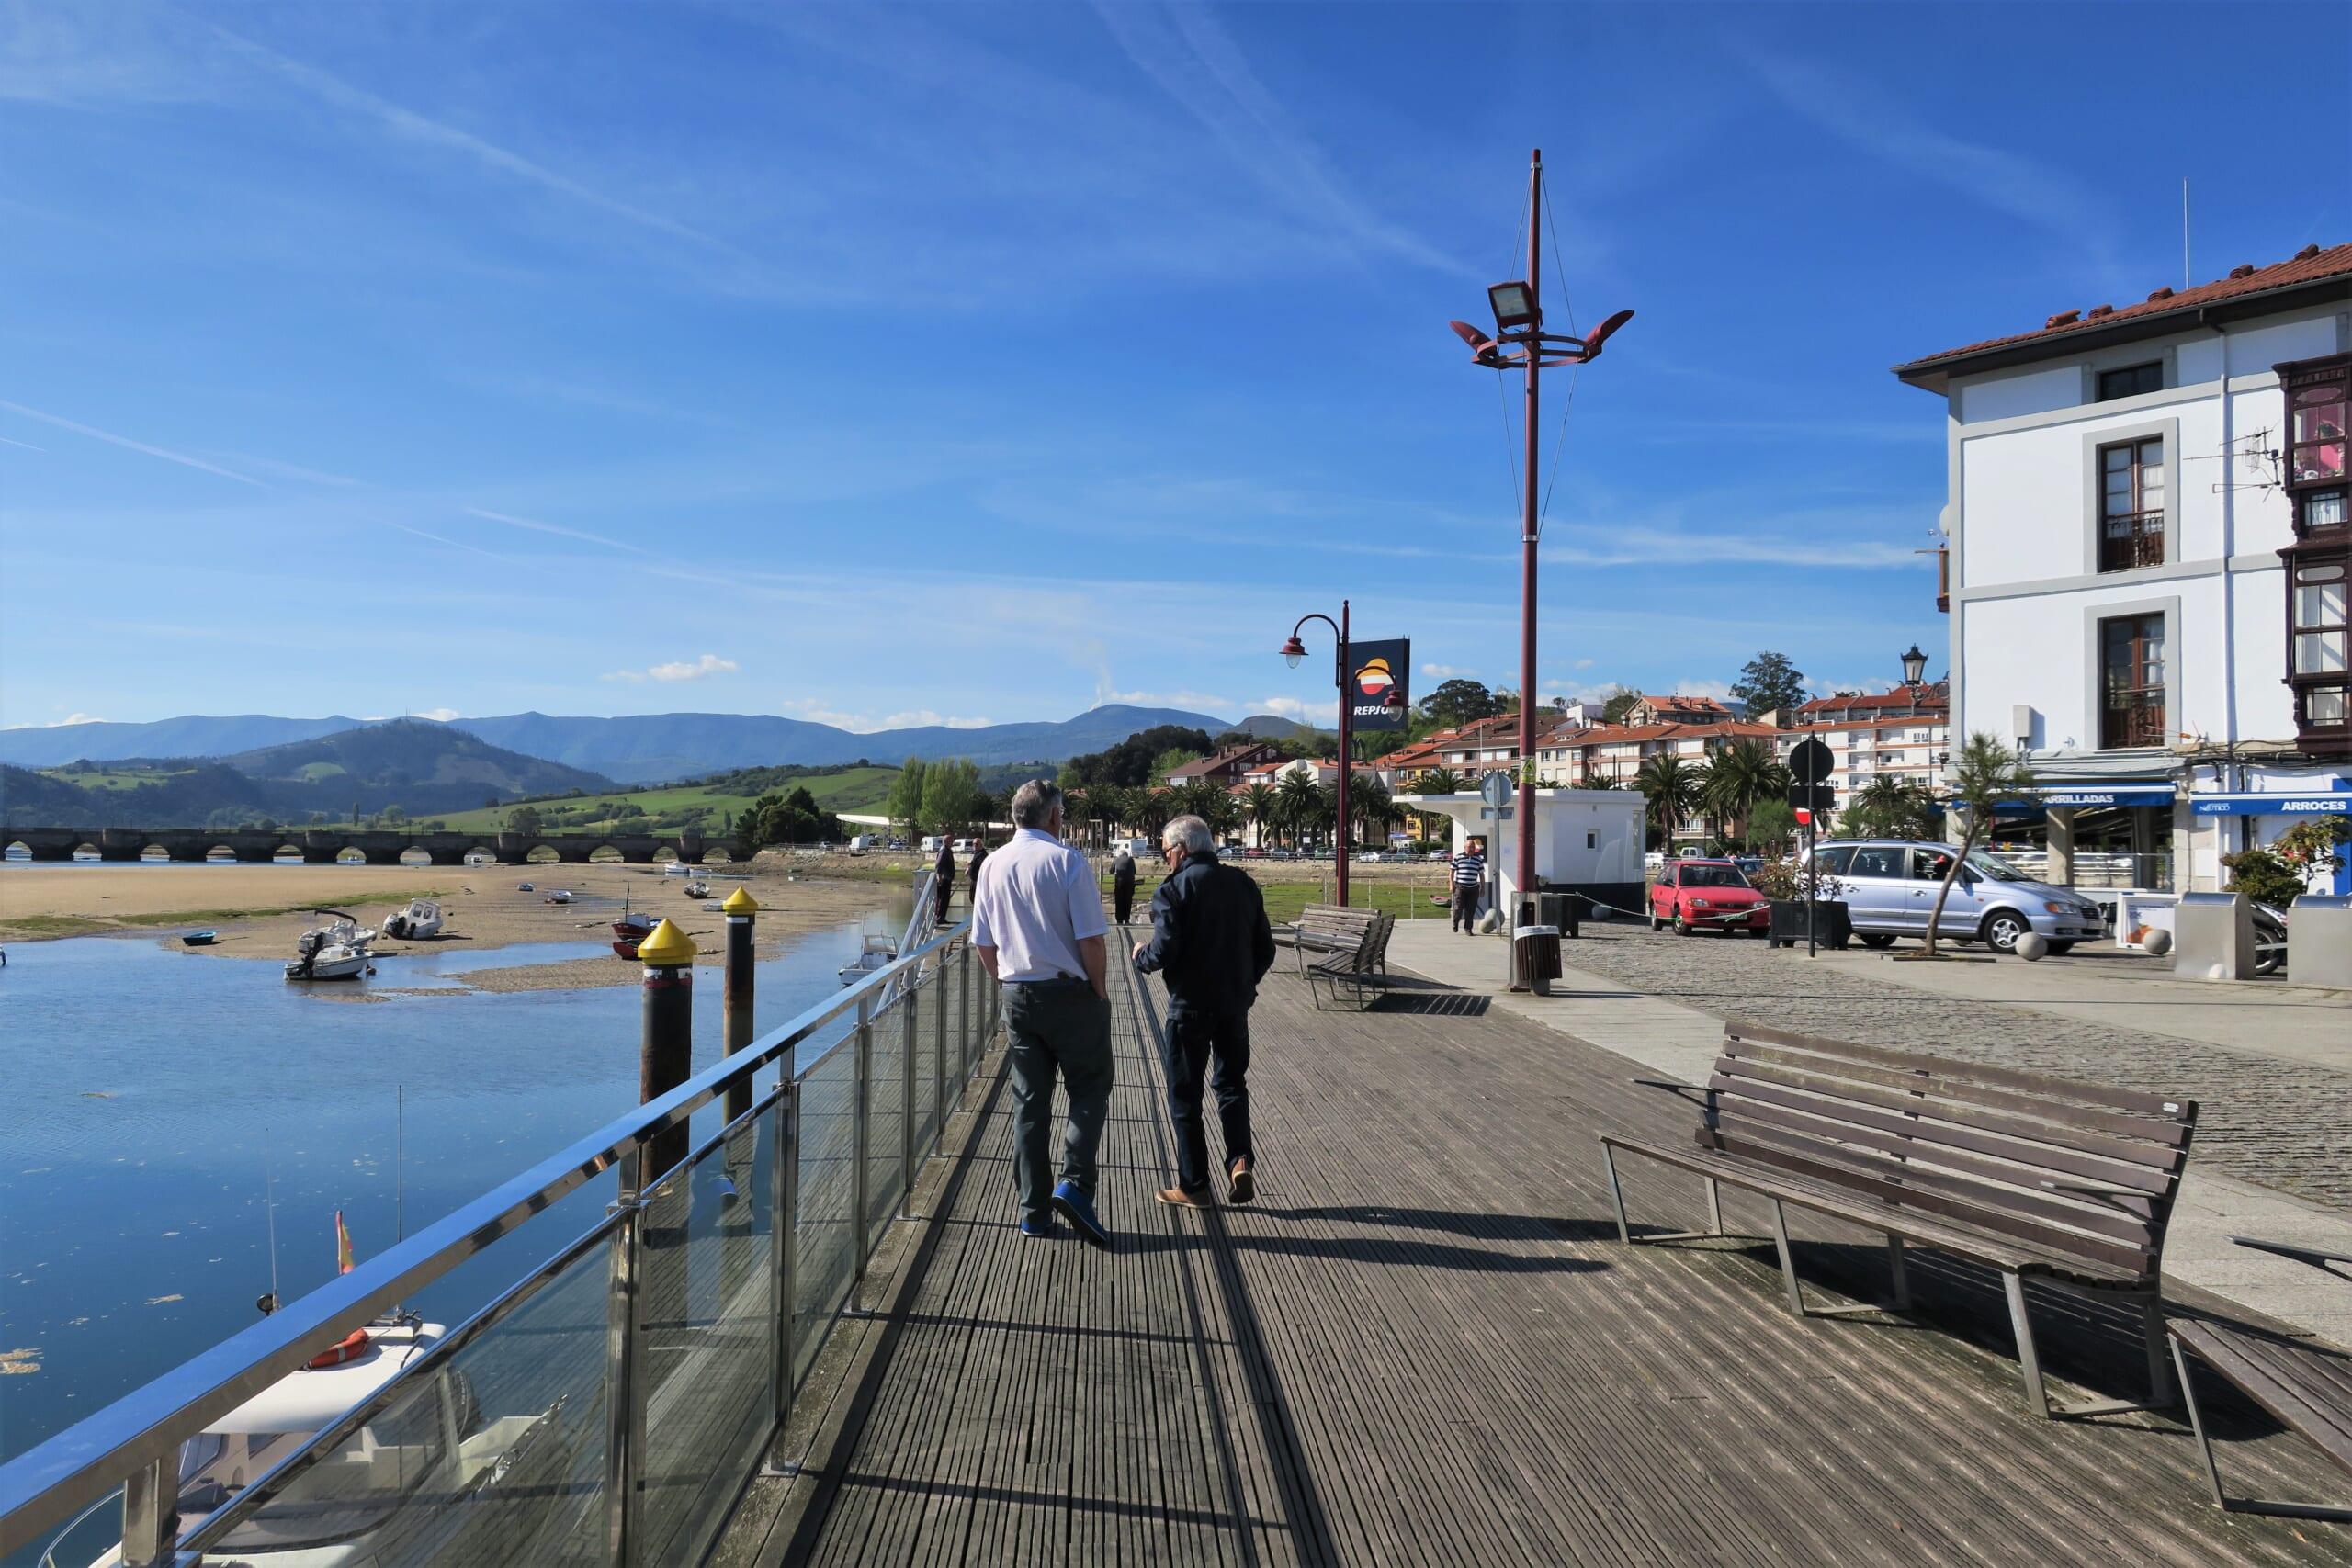 北スペインの観光地であるカンタブリアのサン・ビセンテ・デ・ラ・バルケラ